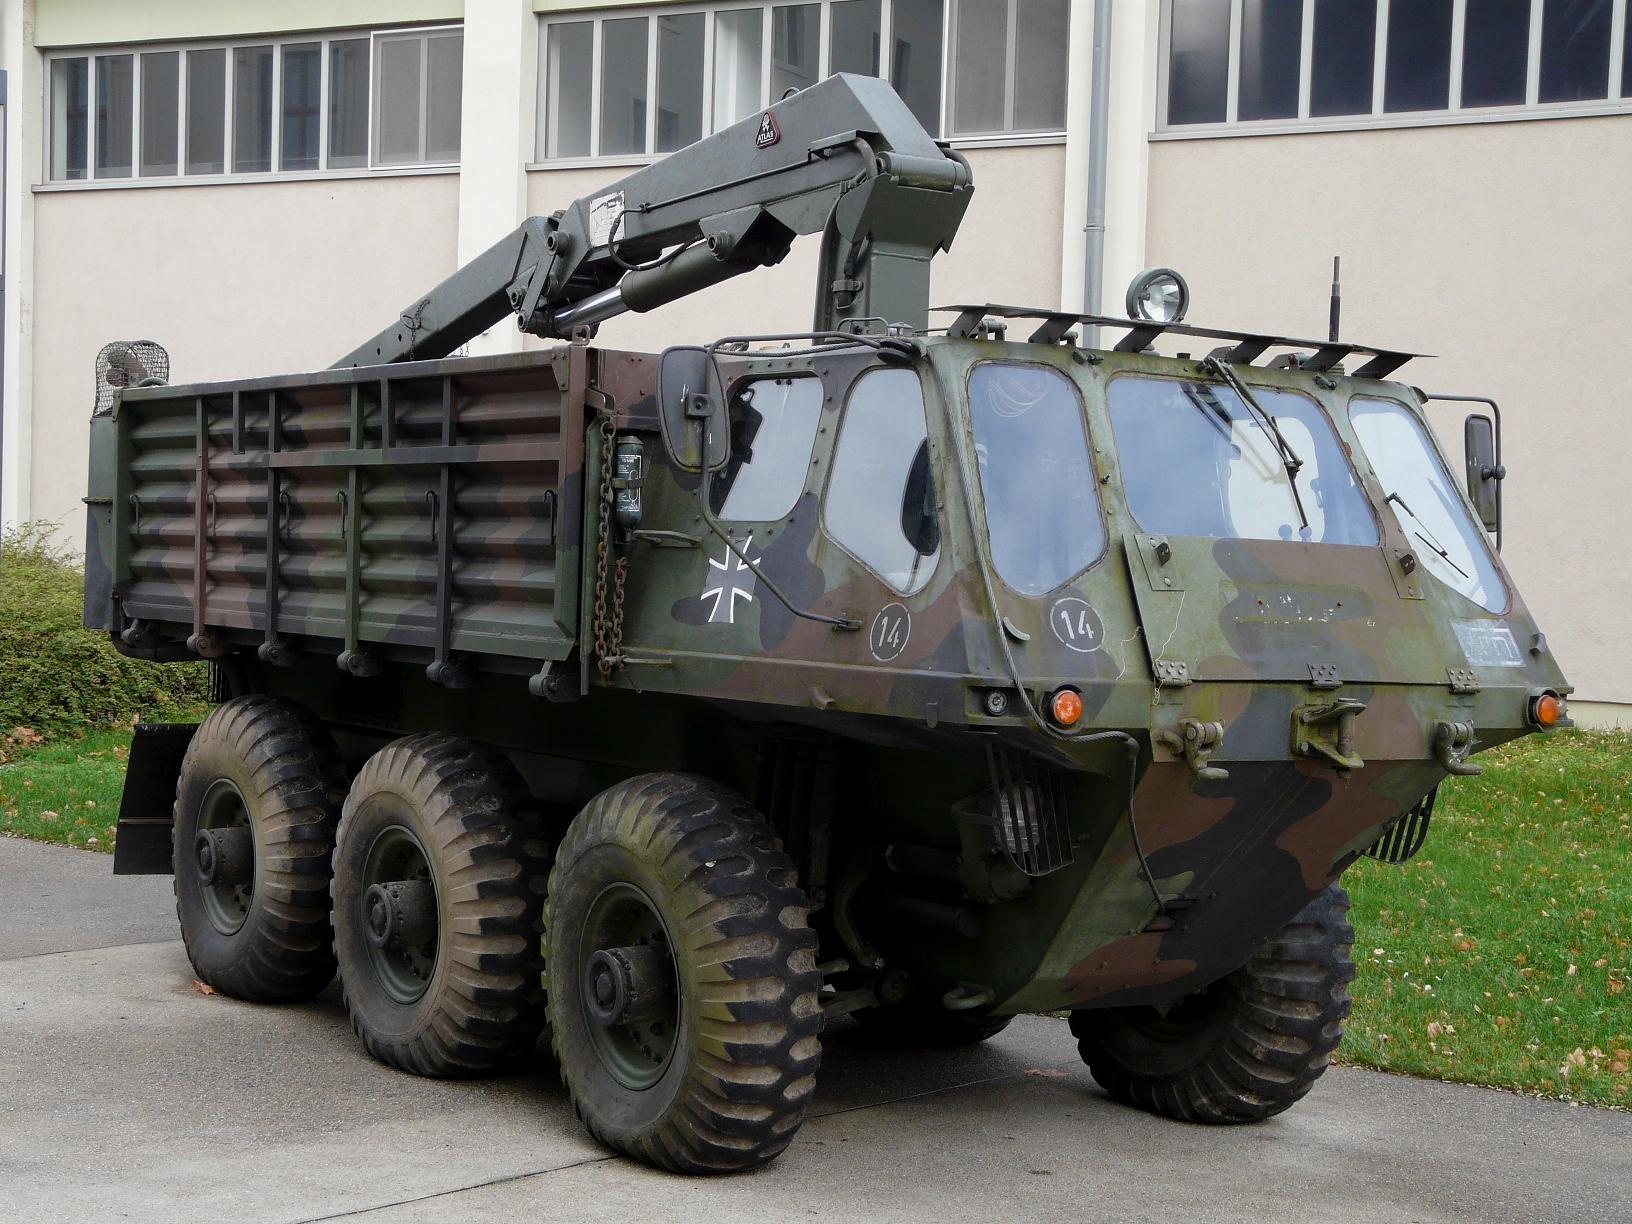 Ex Military Tanks For Sale >> File:Stalwart Mk2 FV 623.JPG - Wikimedia Commons